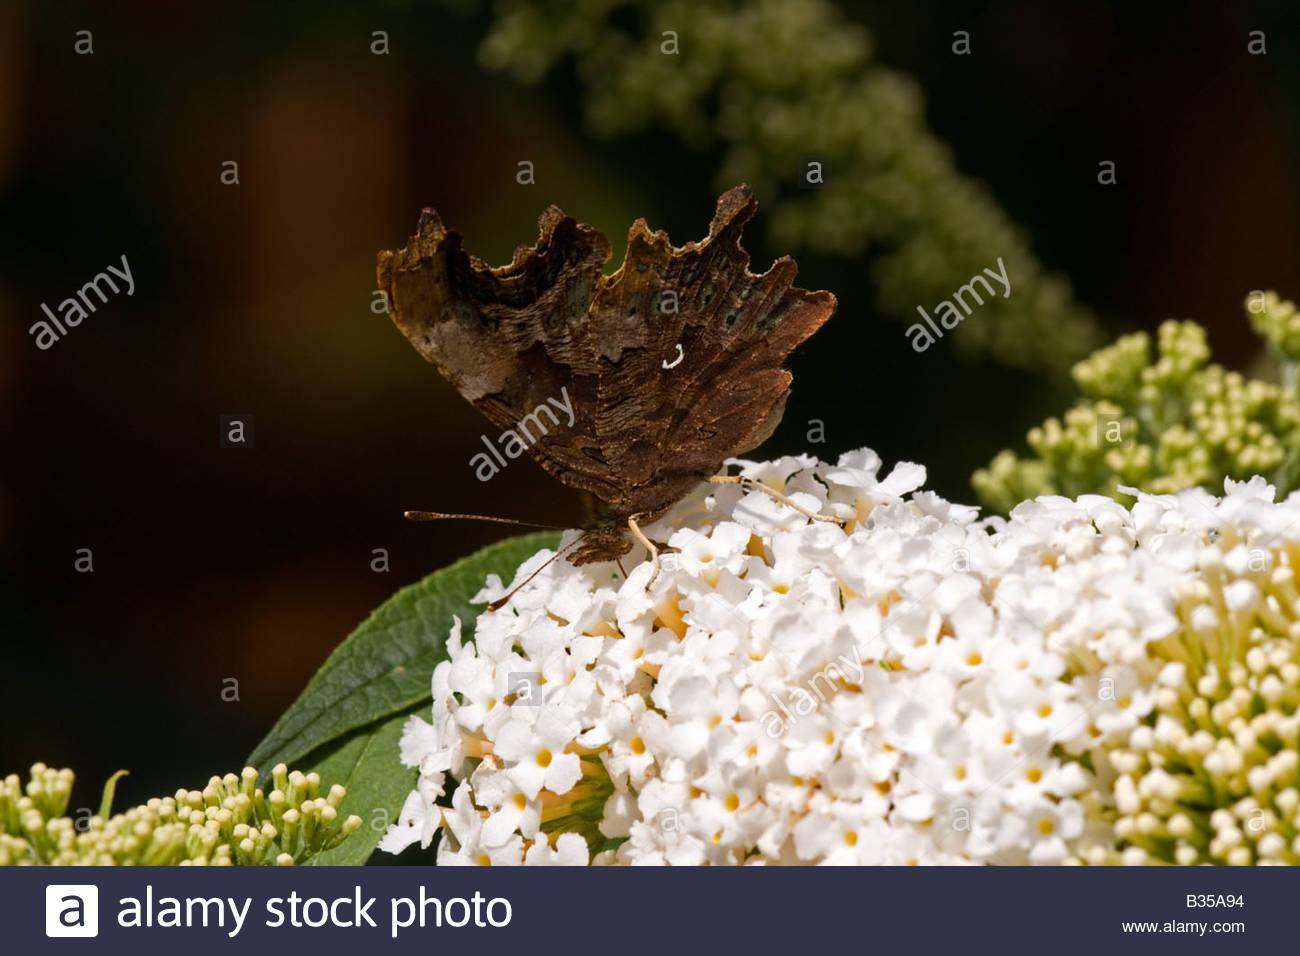 Virgola butterfly con ante chiuse Immagini Stock